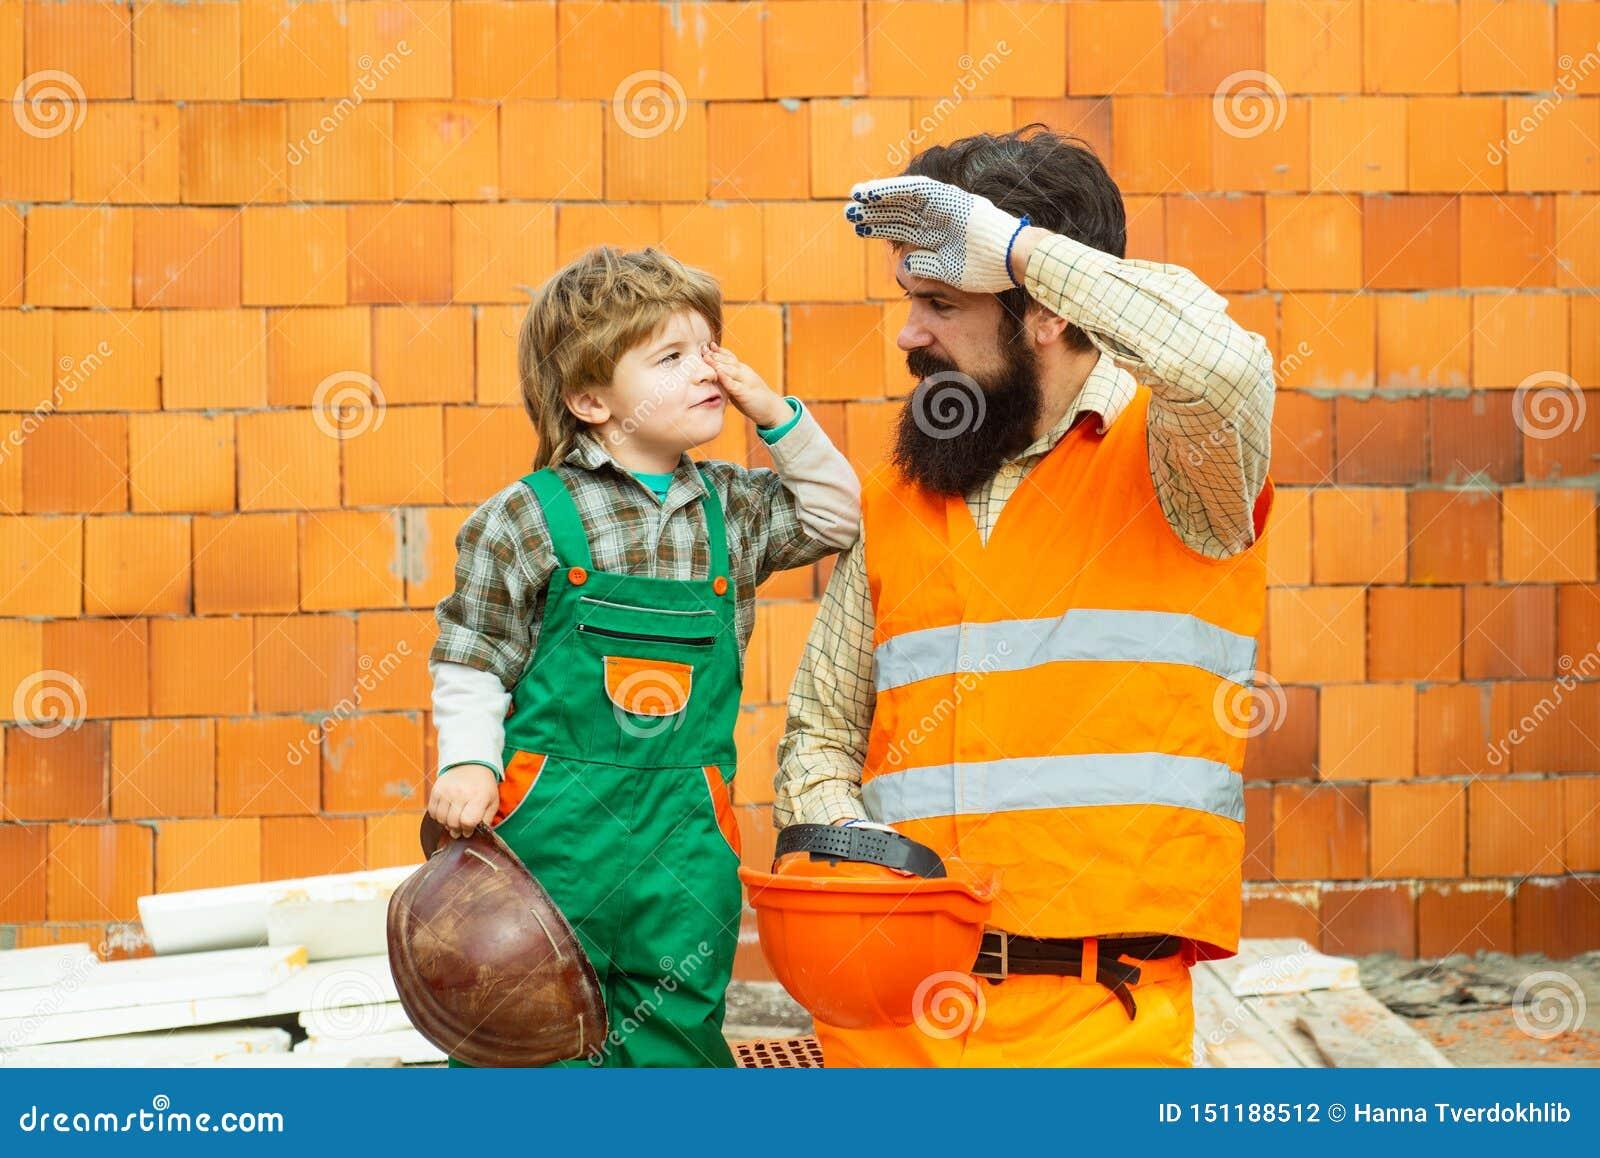 Duri lavori Giorno lavorativo Un gruppo dei costruttori è stanco sul lavoro Un uomo e un ragazzo in un vestito dei costruttori